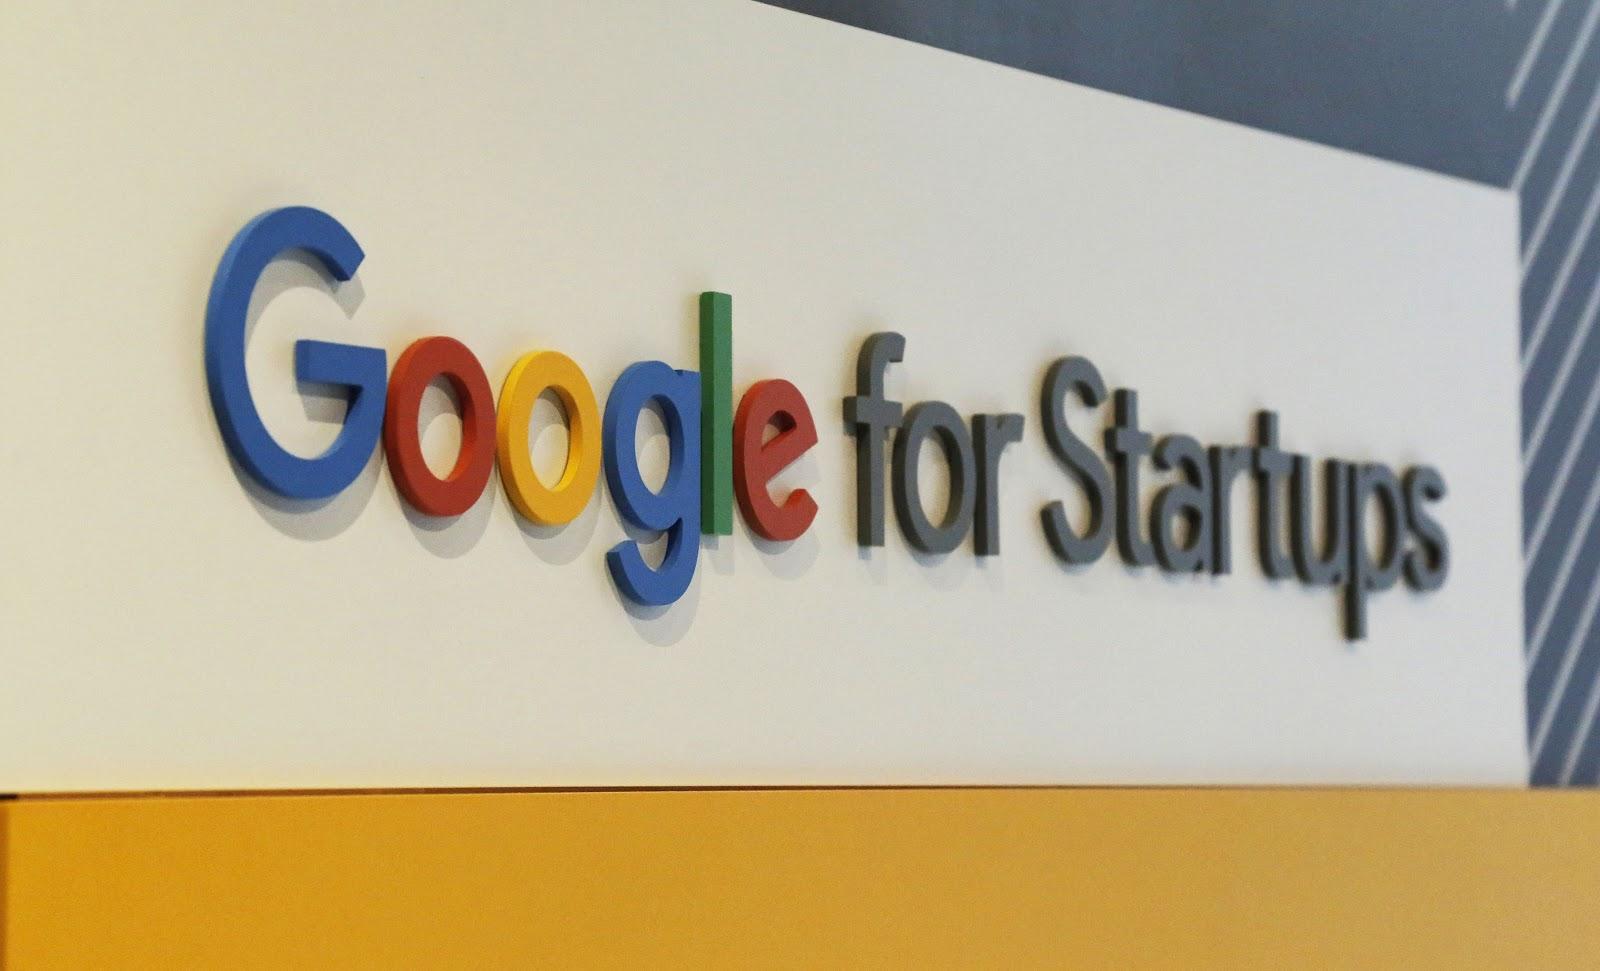 44JYj6Ot6k Mc3E4FrSDkbOUJet40xpTPnWSnuua9nFqBq7NO5sKiKCDFJww ZAybHSHKFxOjdEk7Un2thNmw6cszCxwfJD2WPrPNmdDZm8 tekioRHIWd6zu55RPBzXMX0OwnUf - Google for Startups Brasil: confira as empresas selecionadas para a Turma #5 do nosso Programa de Residência